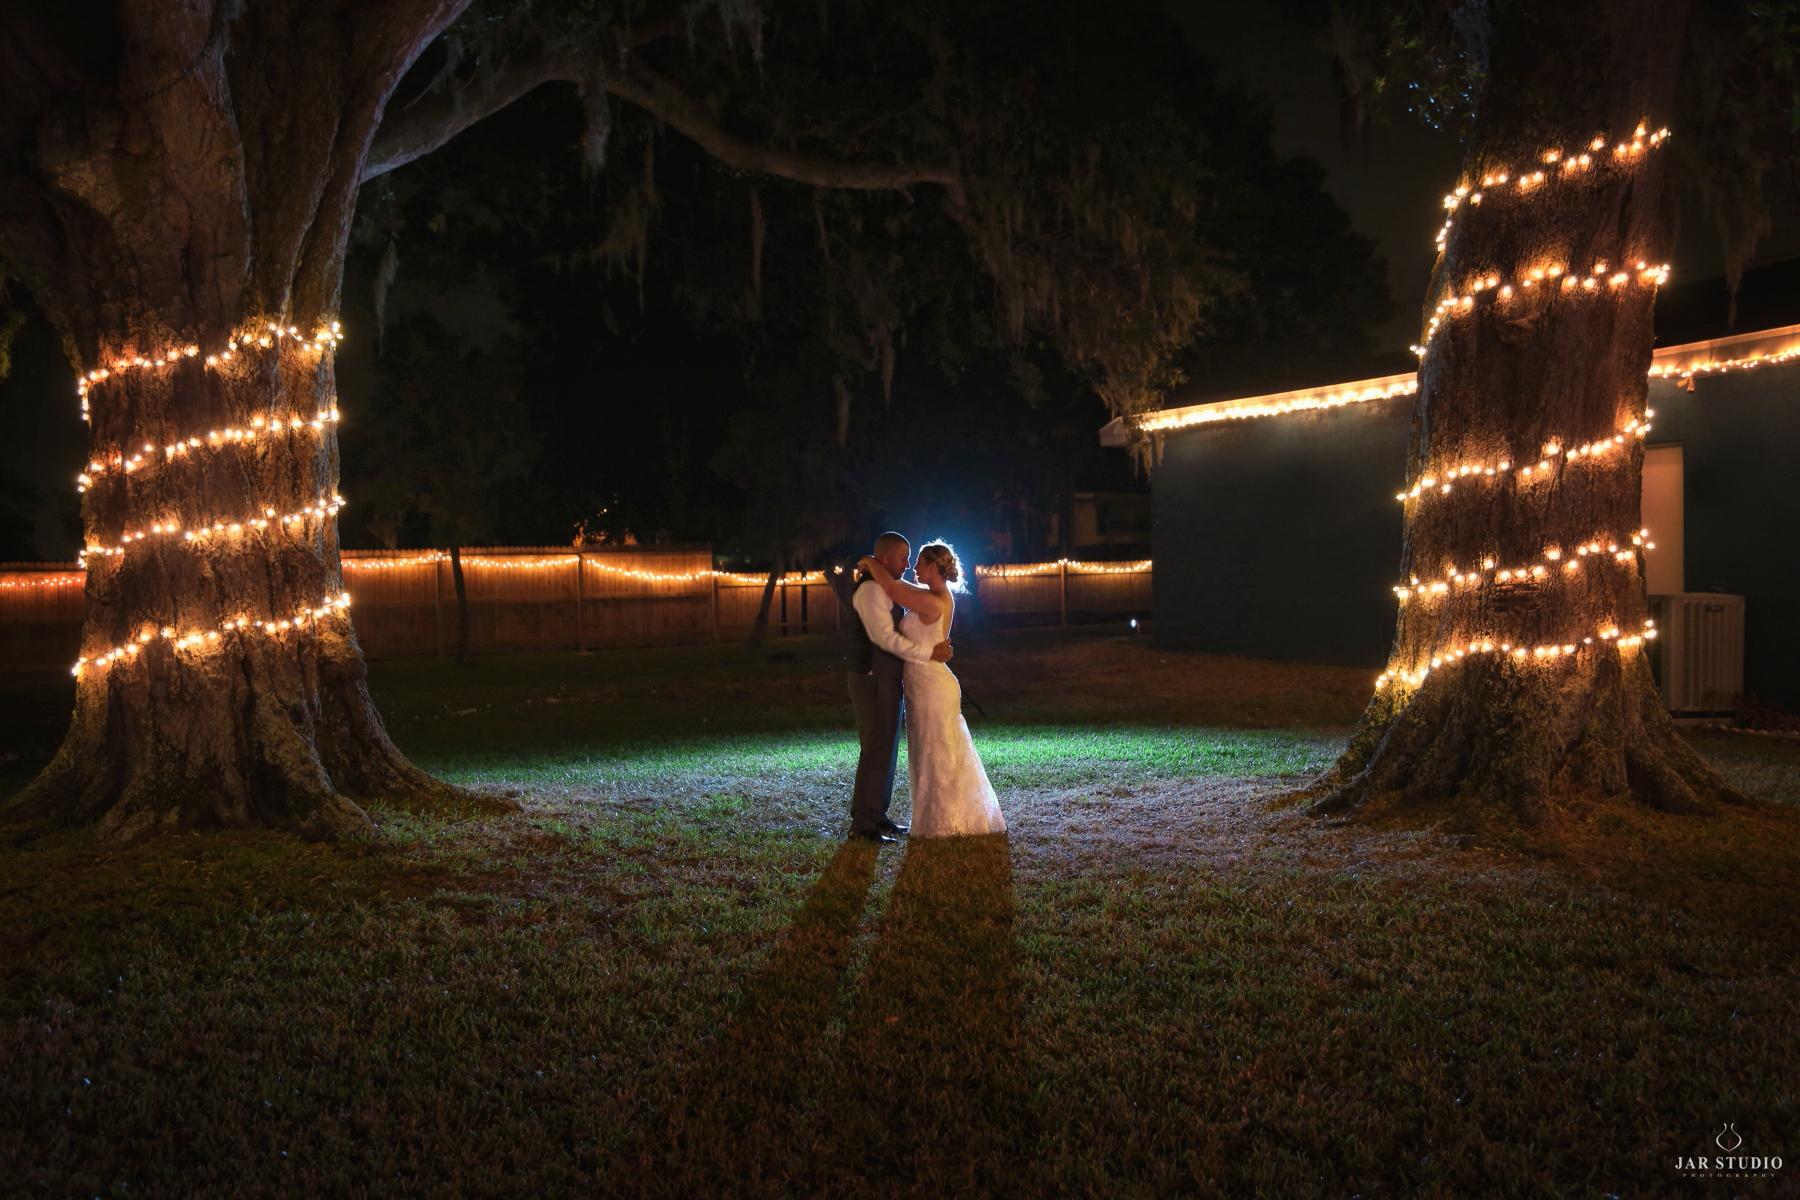 jarstudio-wedding-photographer-811.JPG